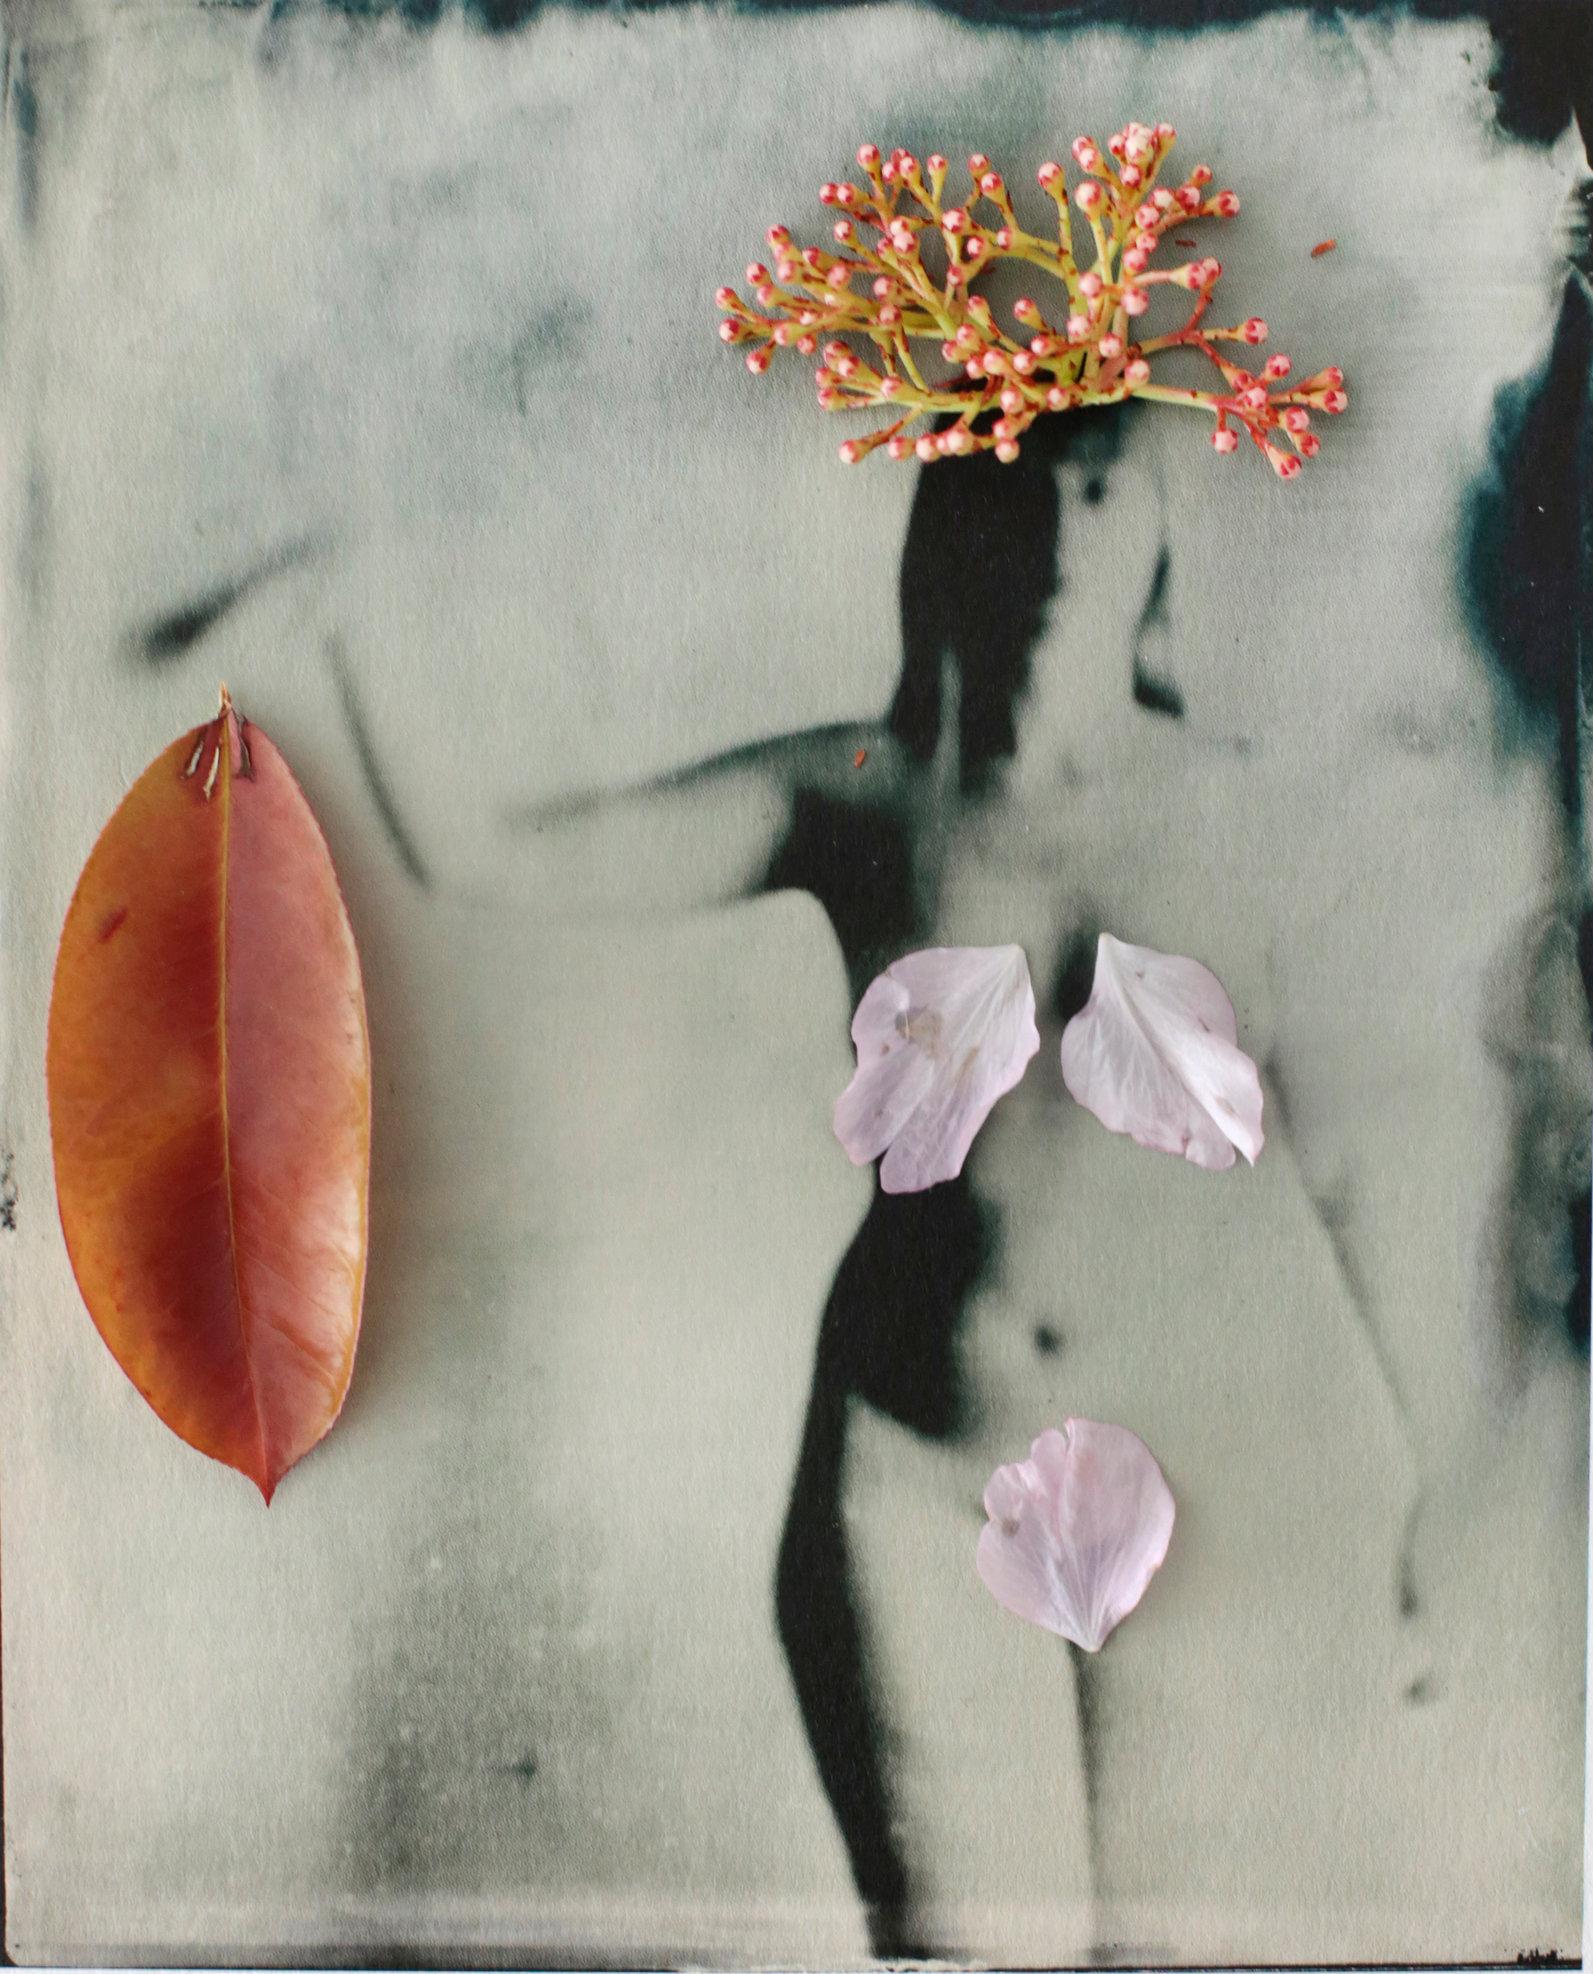 FLOWERS_1_025.JPG